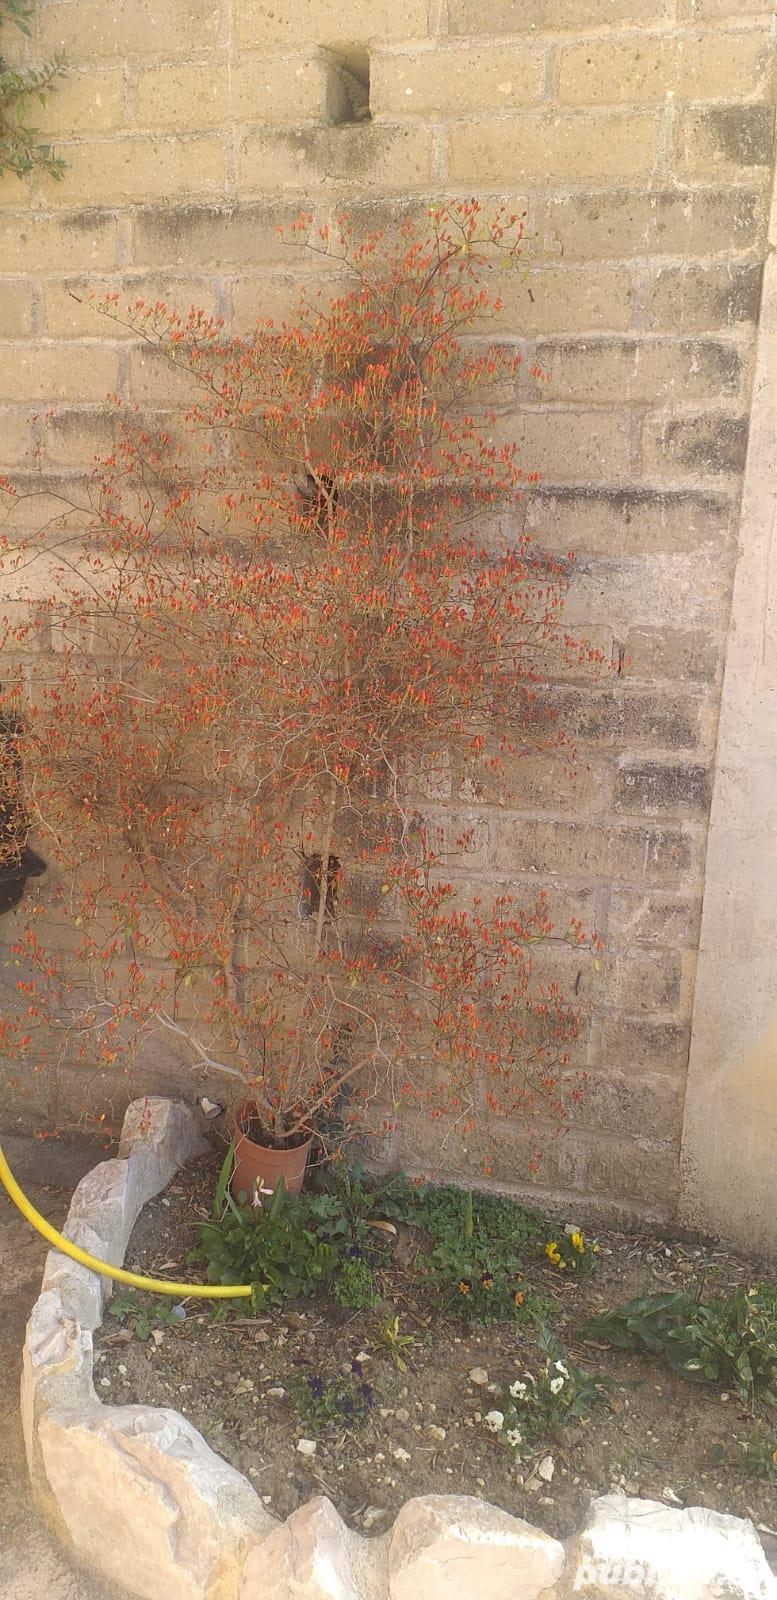 Vând plante de ardei iute tip PEPERONCINO DIAVOLICCHIO CALABRESE